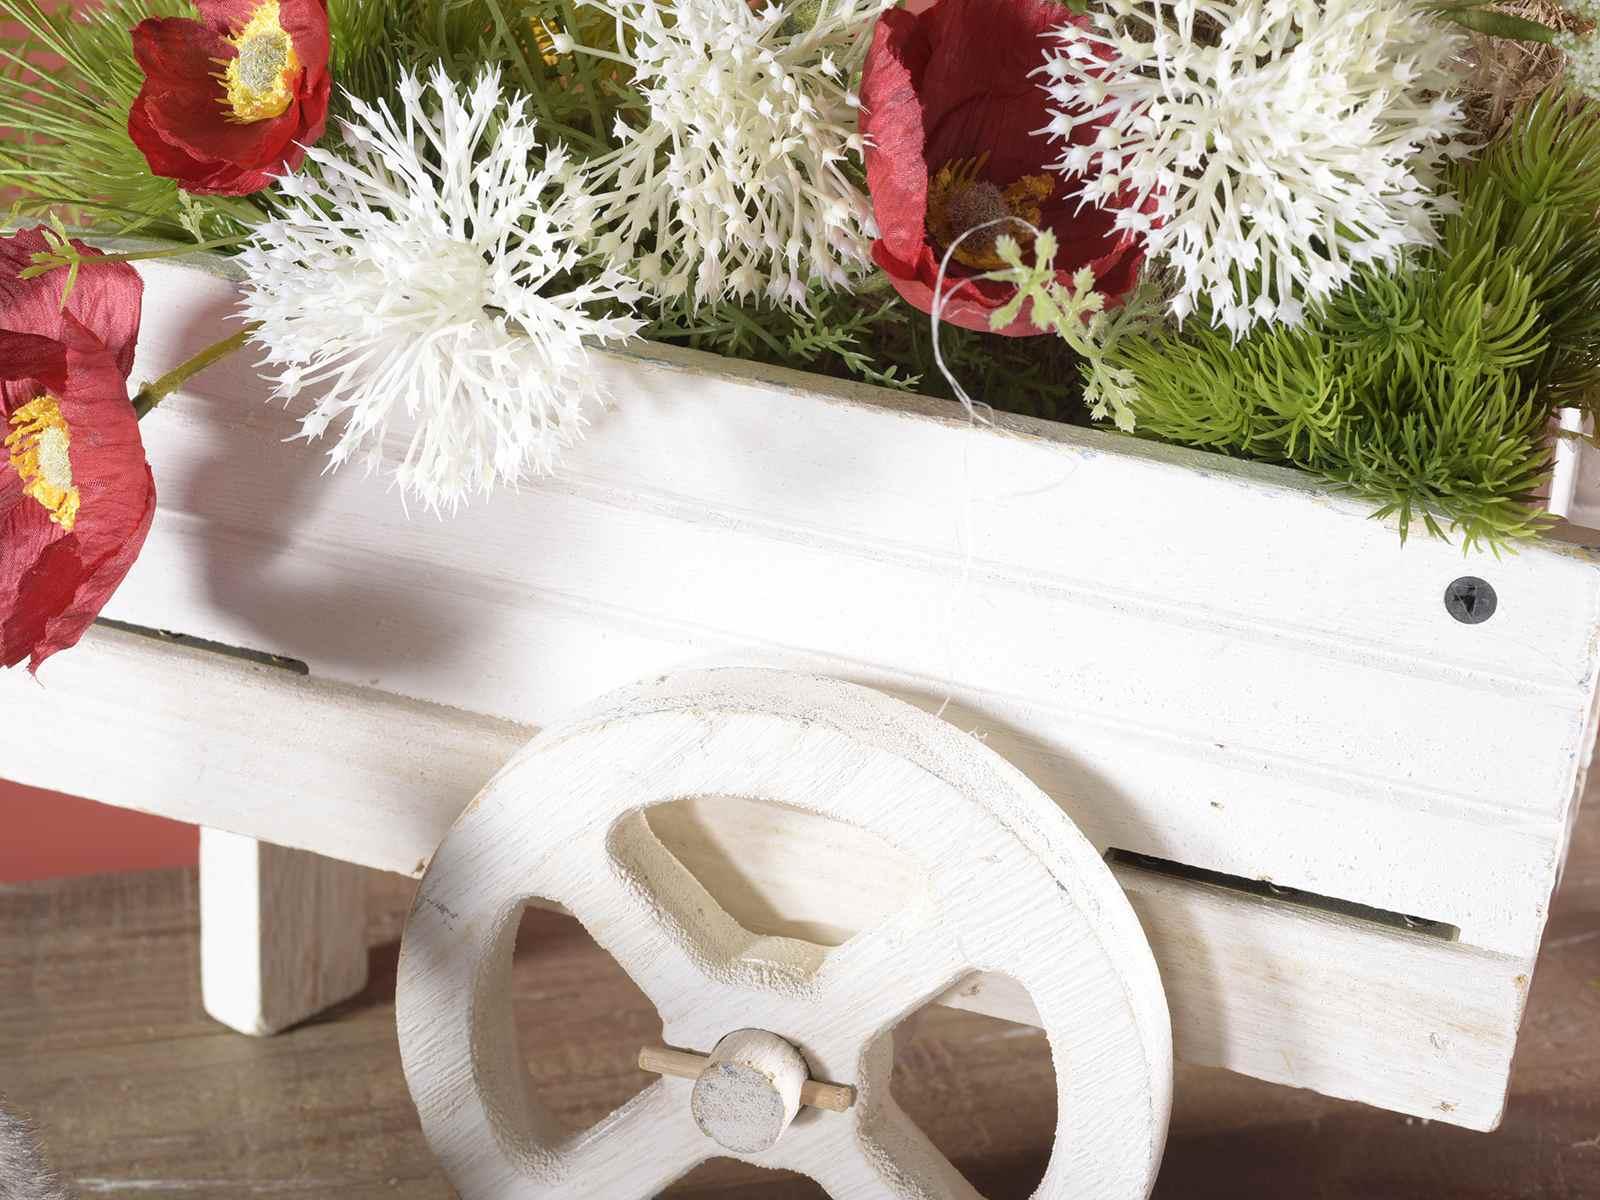 Brouette d corative en bois de couleur art from italy - Brouette bois decorative ...